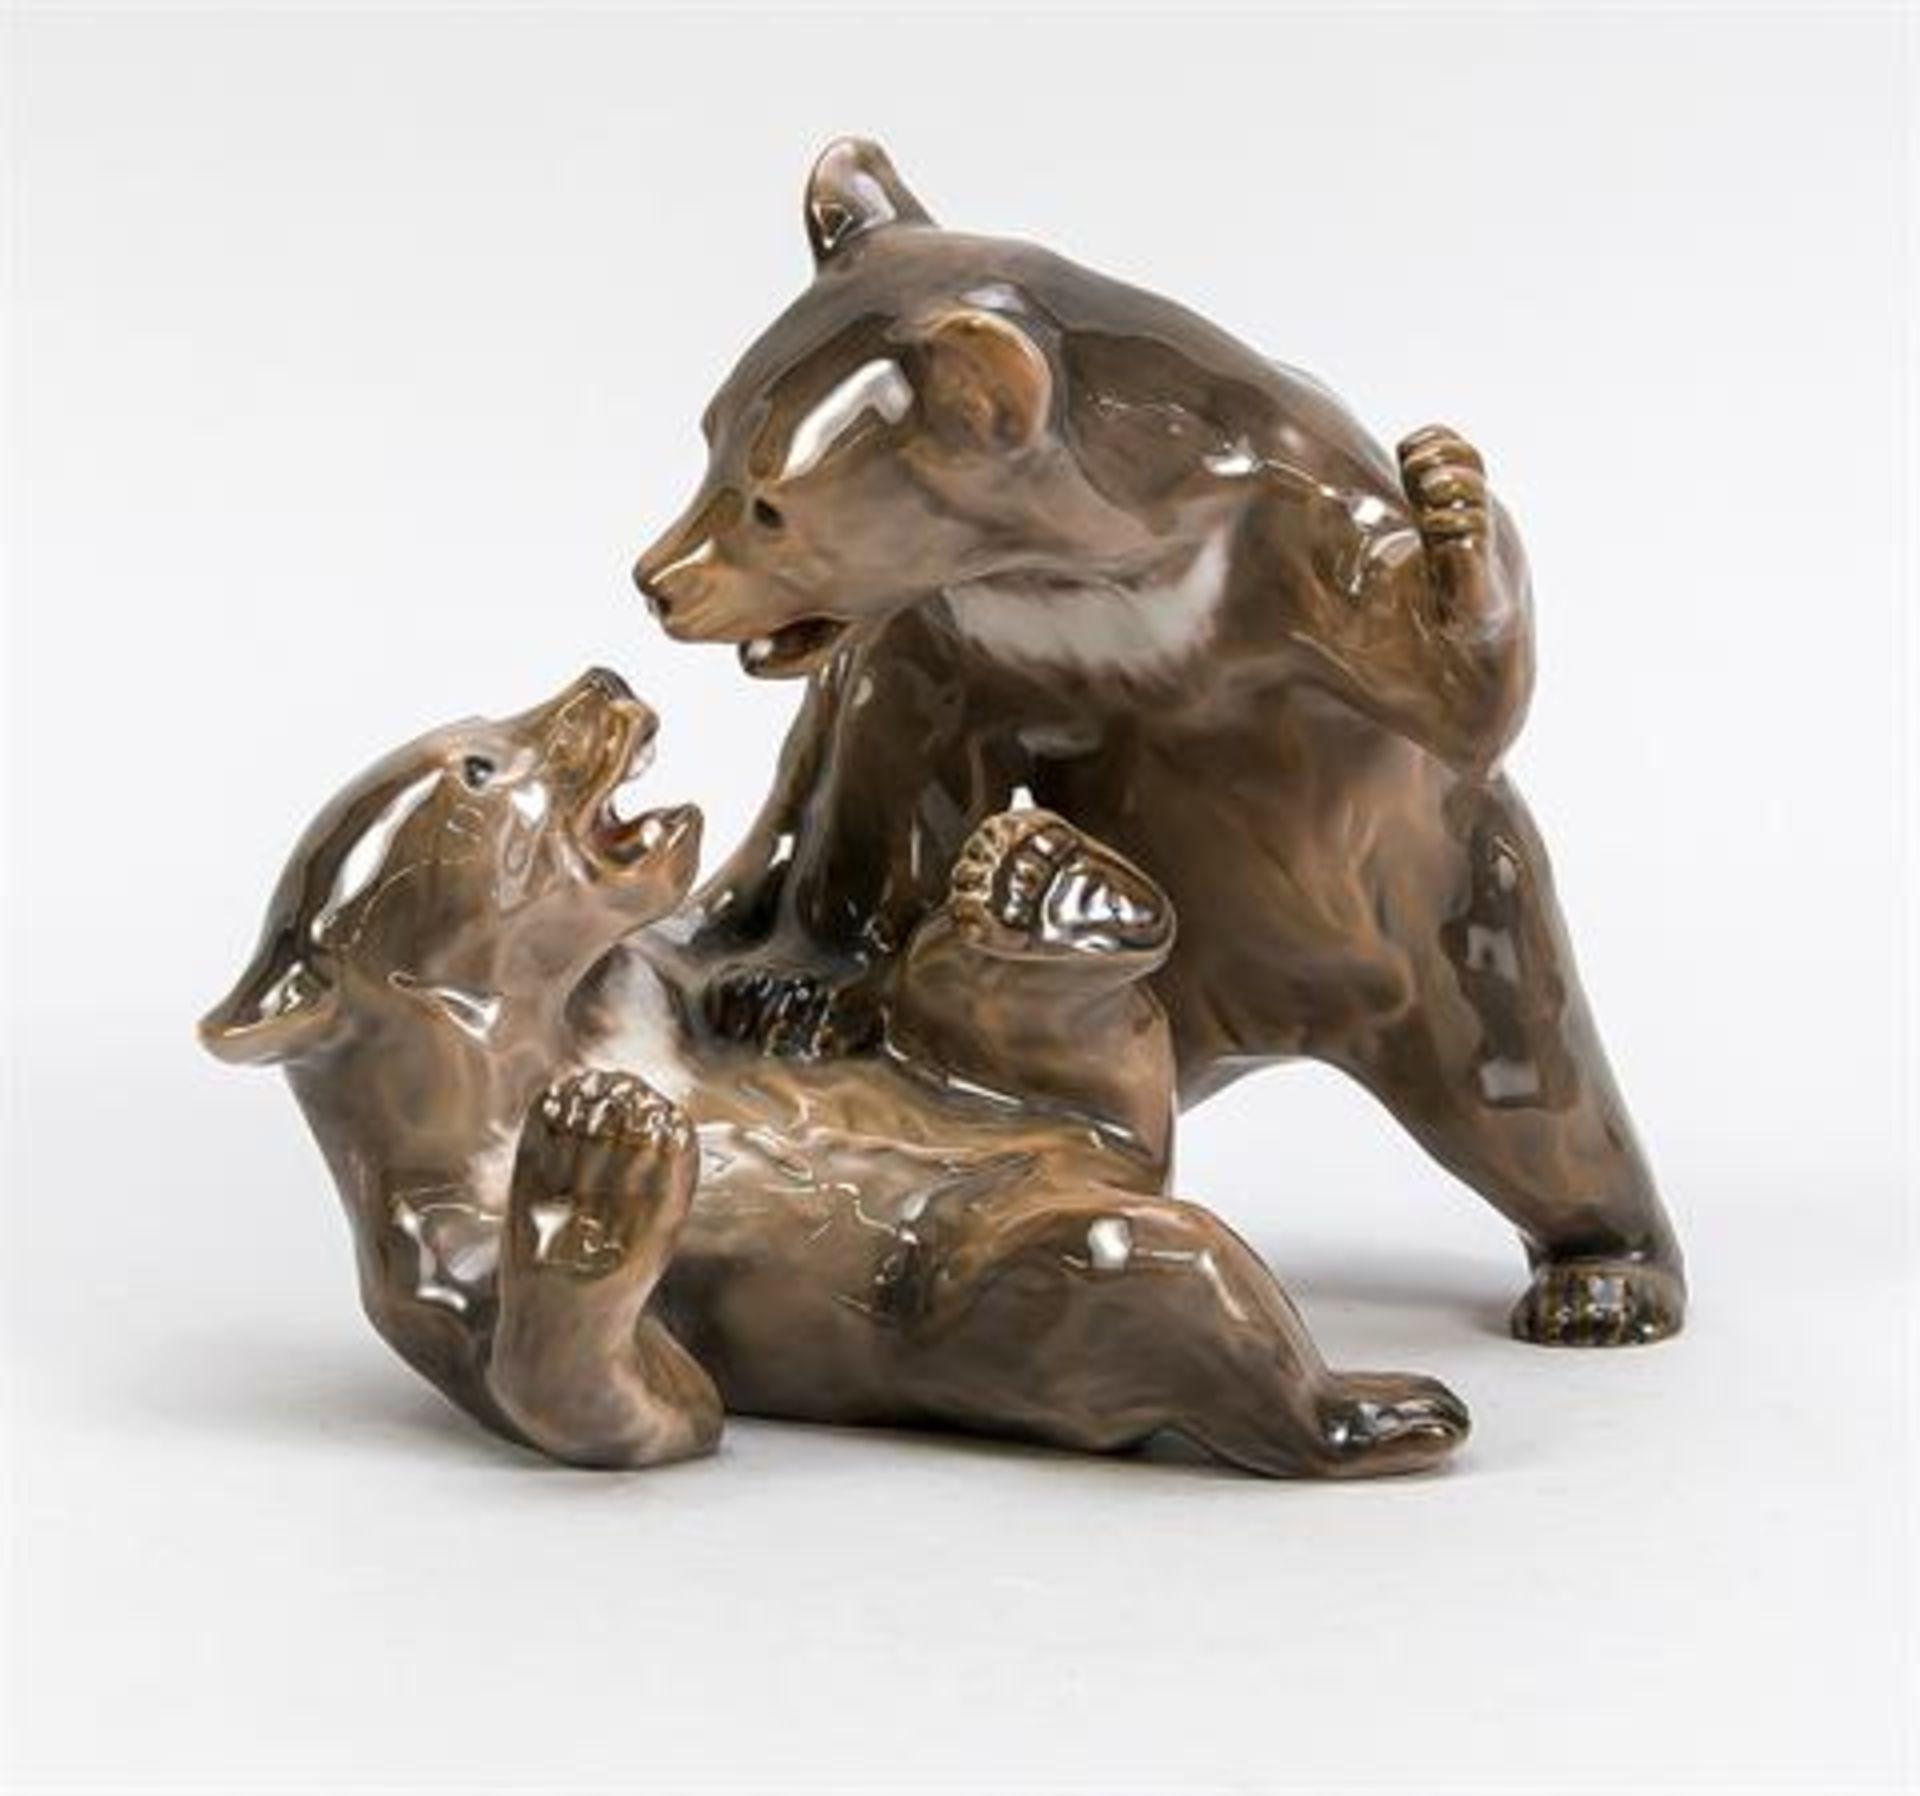 Zwei Kämpfende Bären, Bing & Gröndahl, 1950er Jahre, Modellnr. 1825, naturalistisch staffiert in